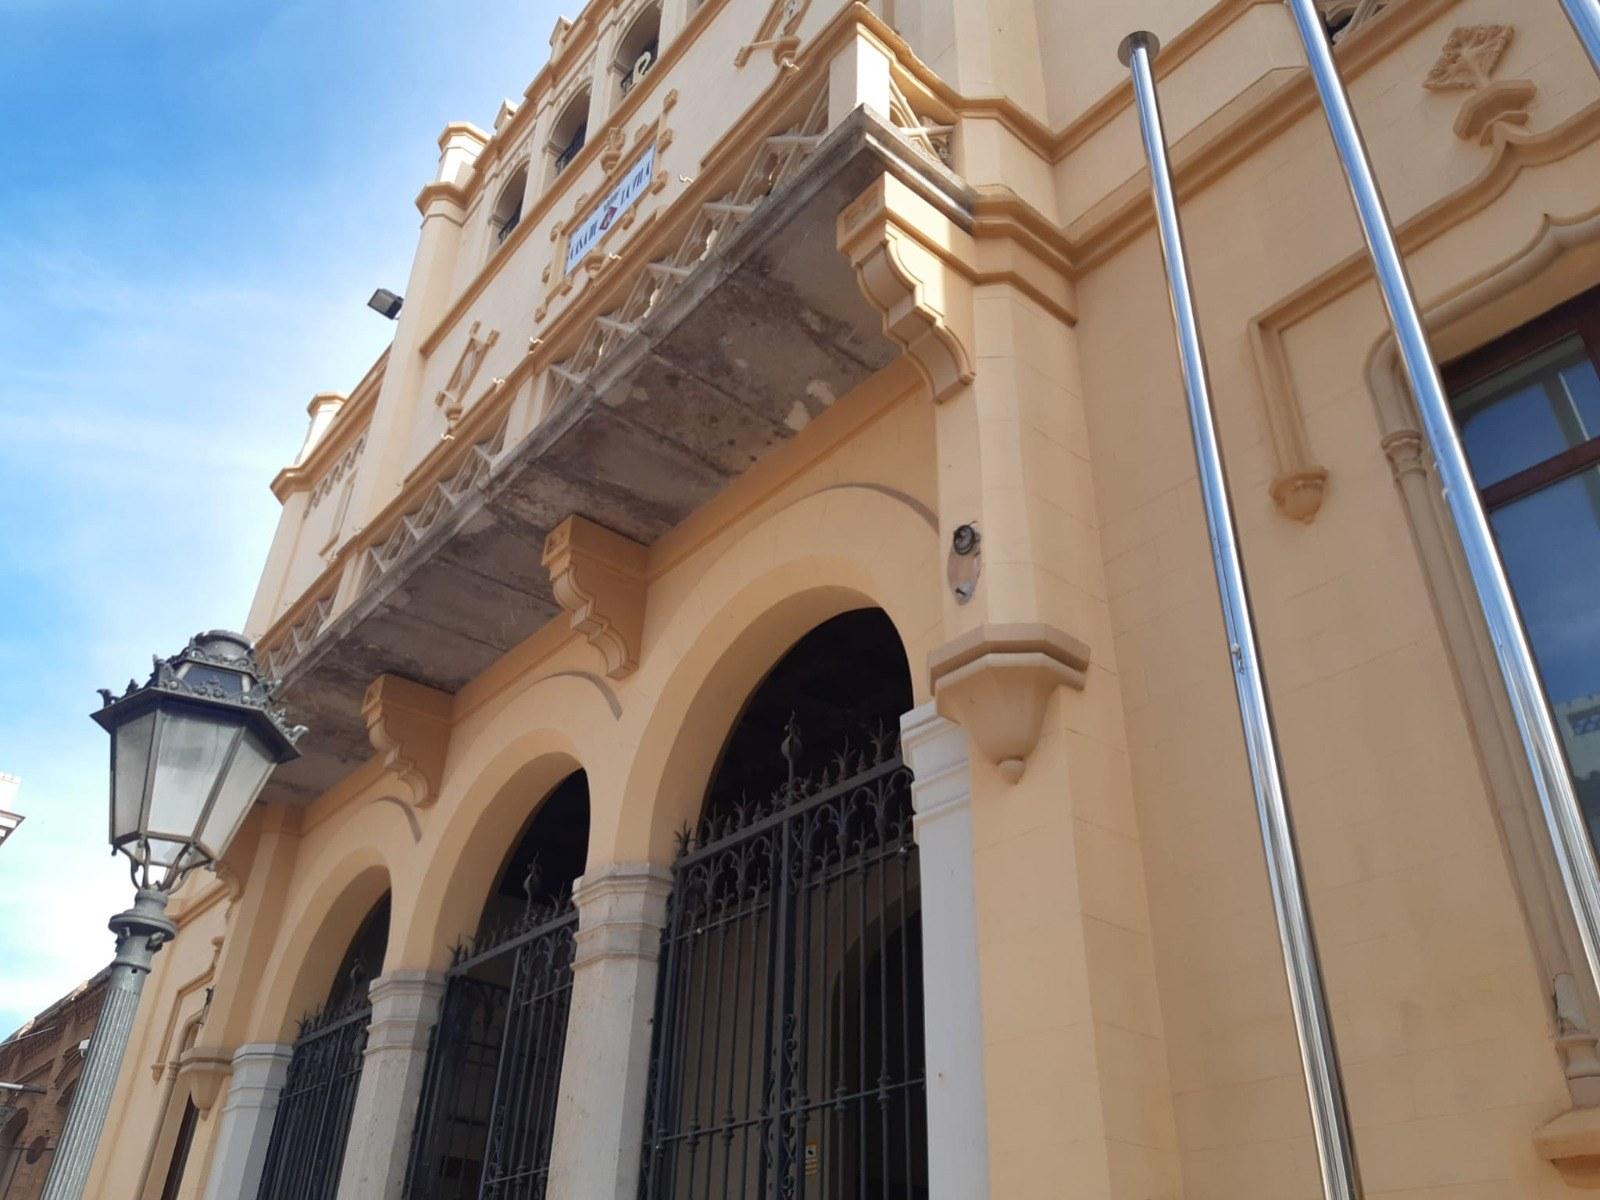 L'Ajuntament de Sitges posa en marxa el nou Pla d'Igualtat